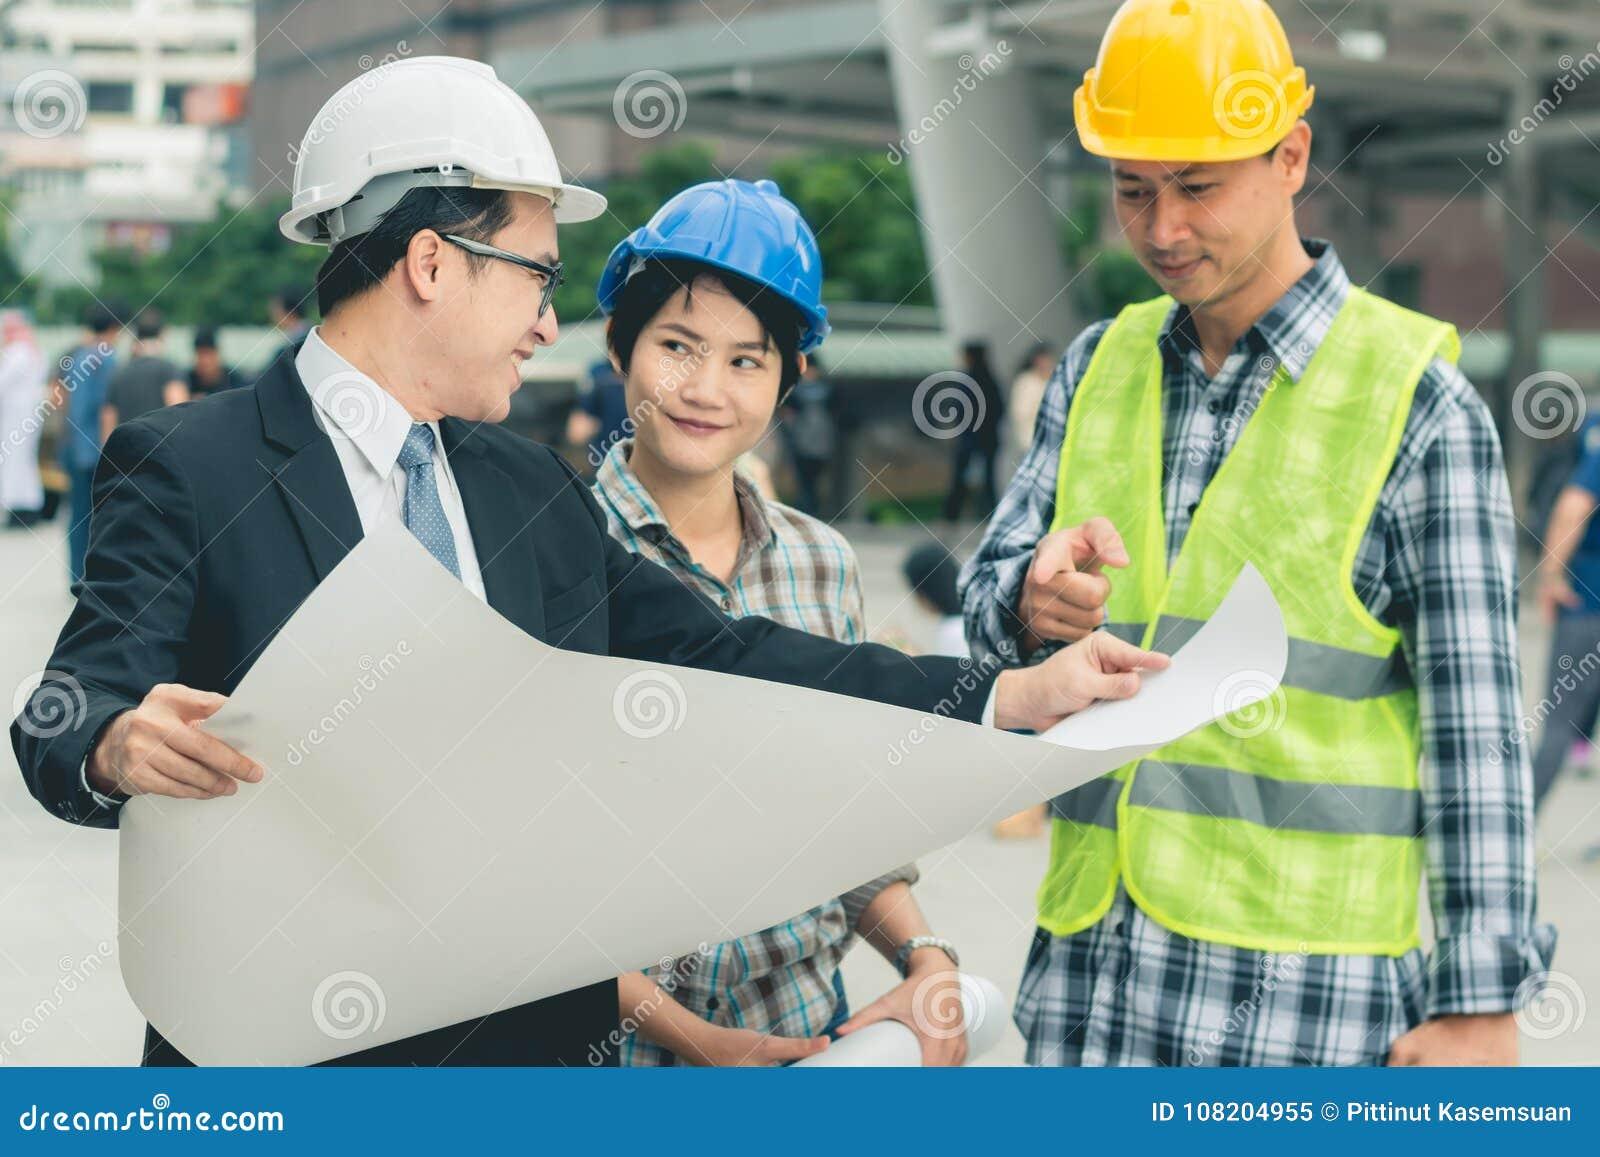 Inżynierii budowy pracy zespołowej pojęcie: fachowy enginee